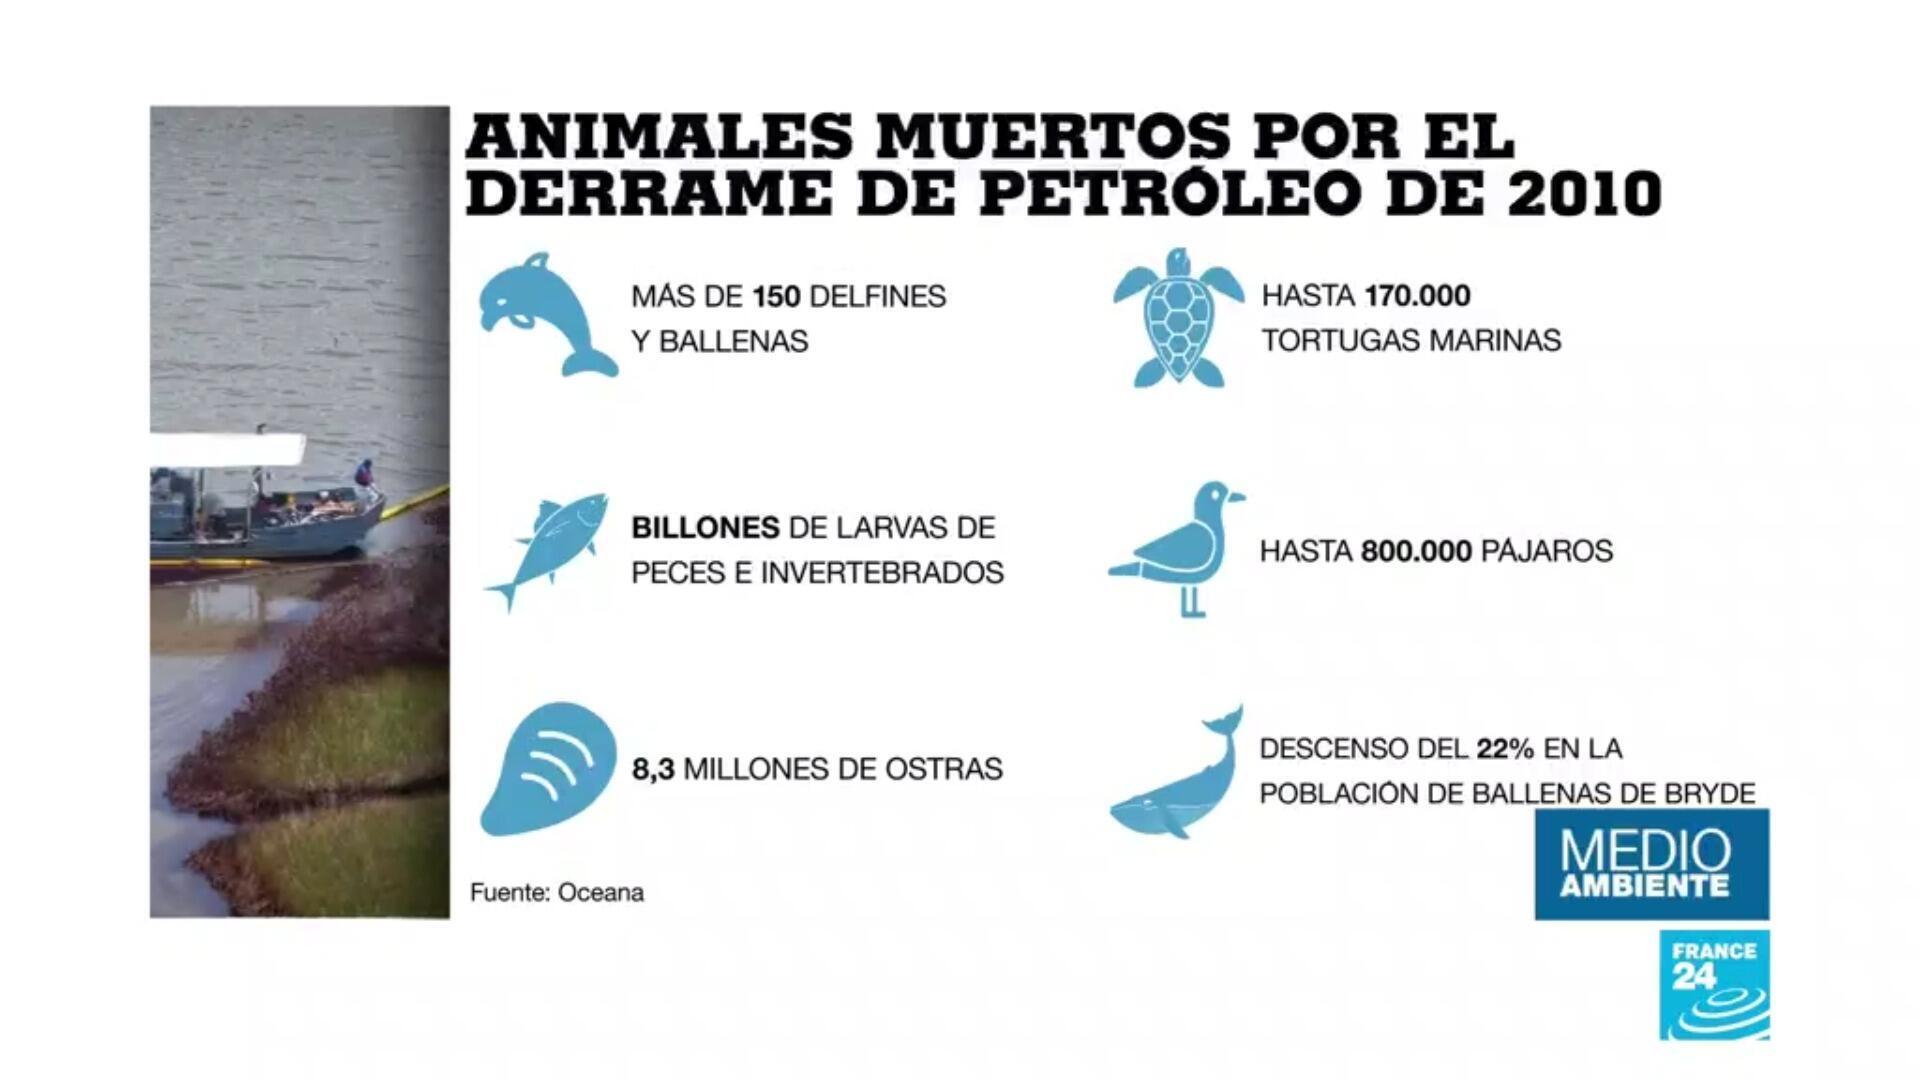 Estimado de los animales muertos a causa del derrame de petróleo de BP.